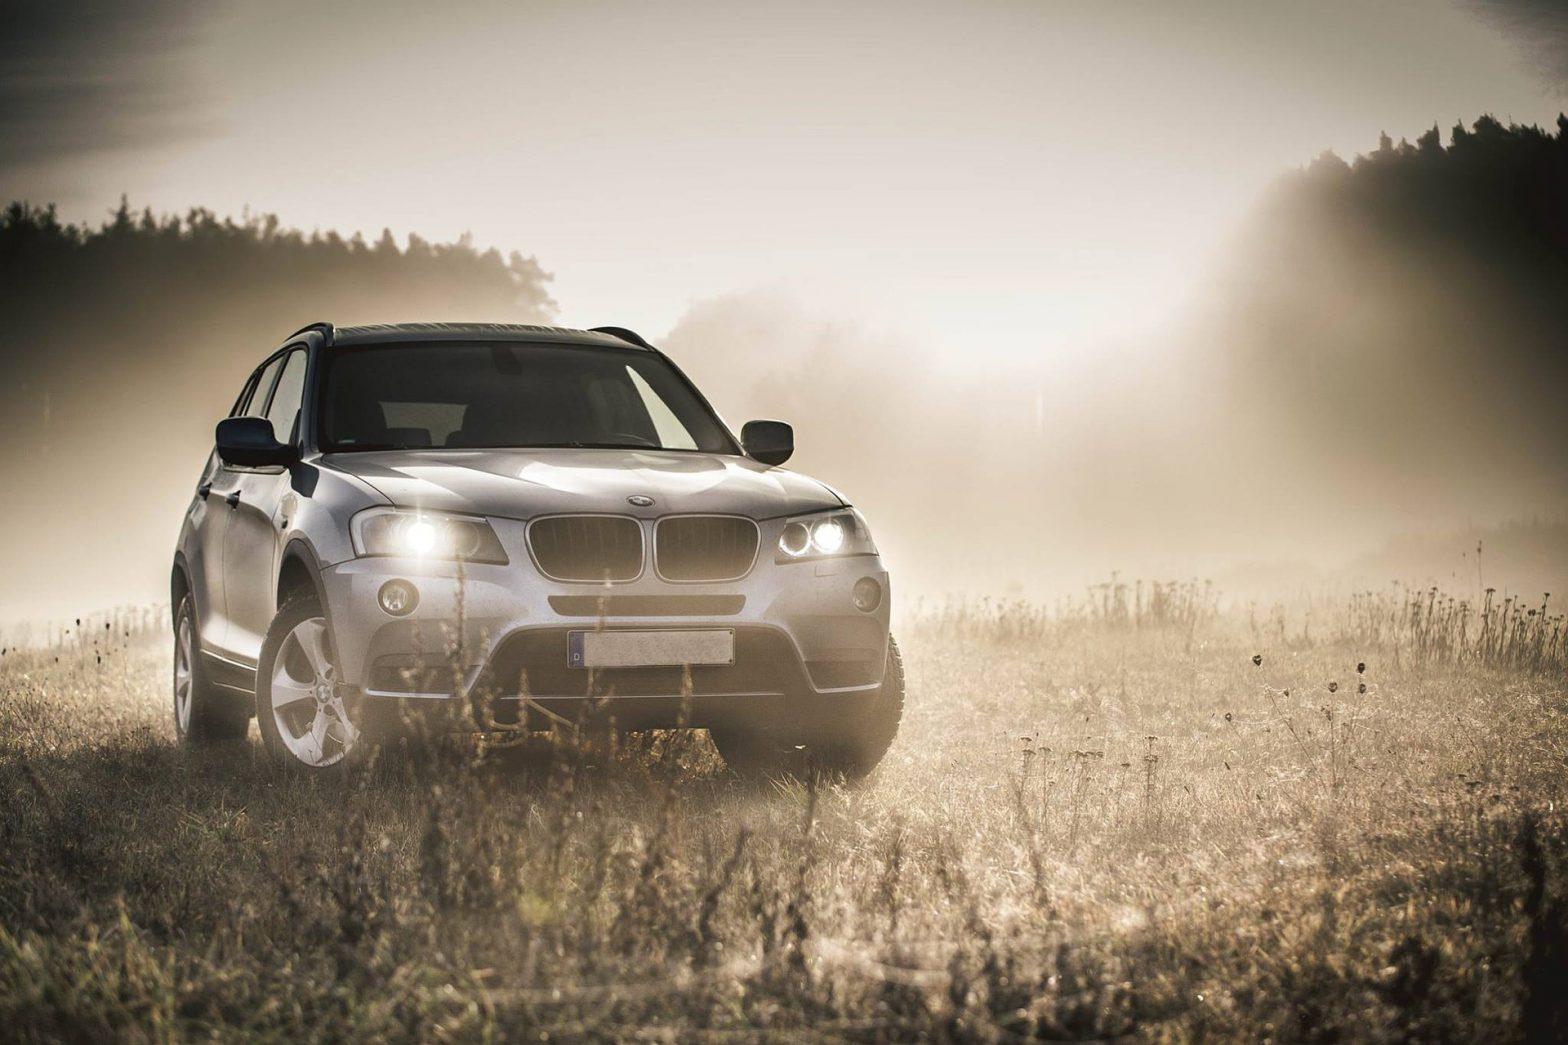 Serwis BMW – bo zadbany egzemplarz, to niezawodny przyjaciel każdego kierowcy!